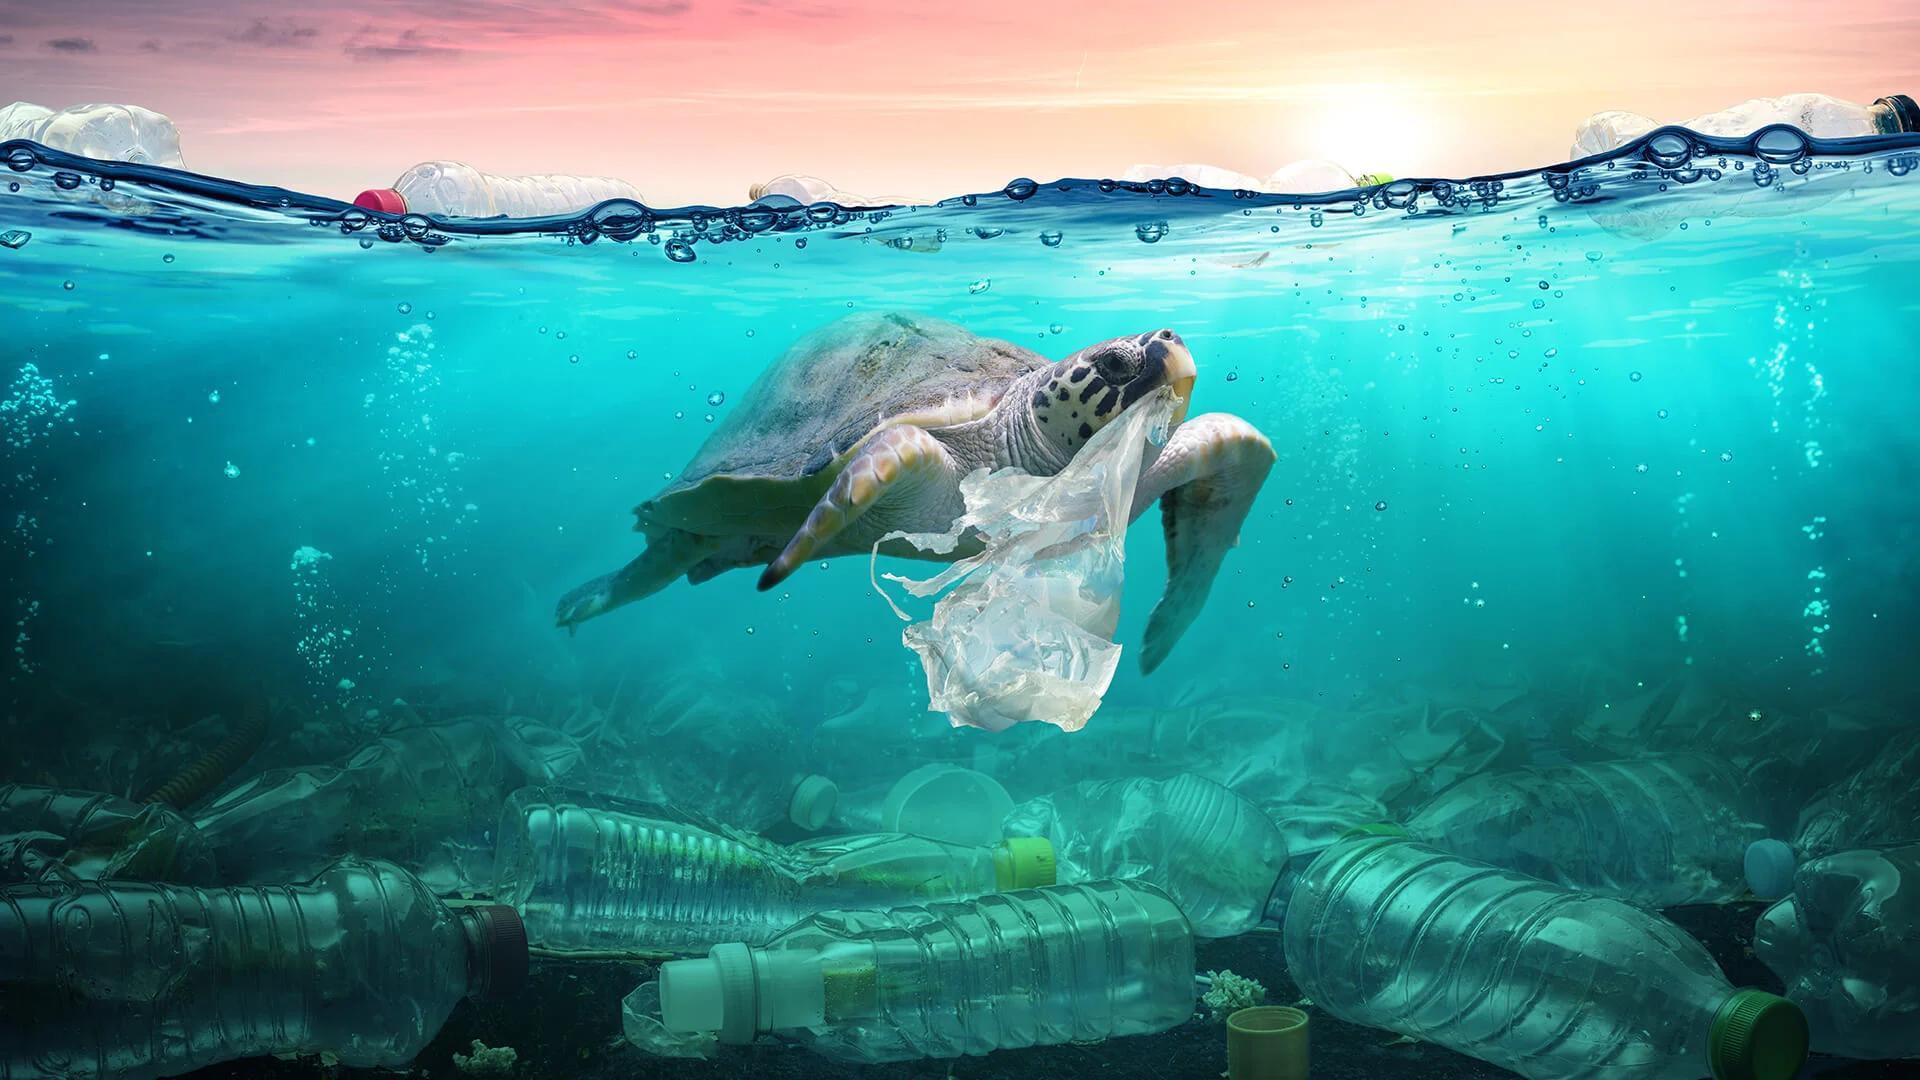 Пластиковый мусор загнал морских черепах в «эволюционную ловушку»